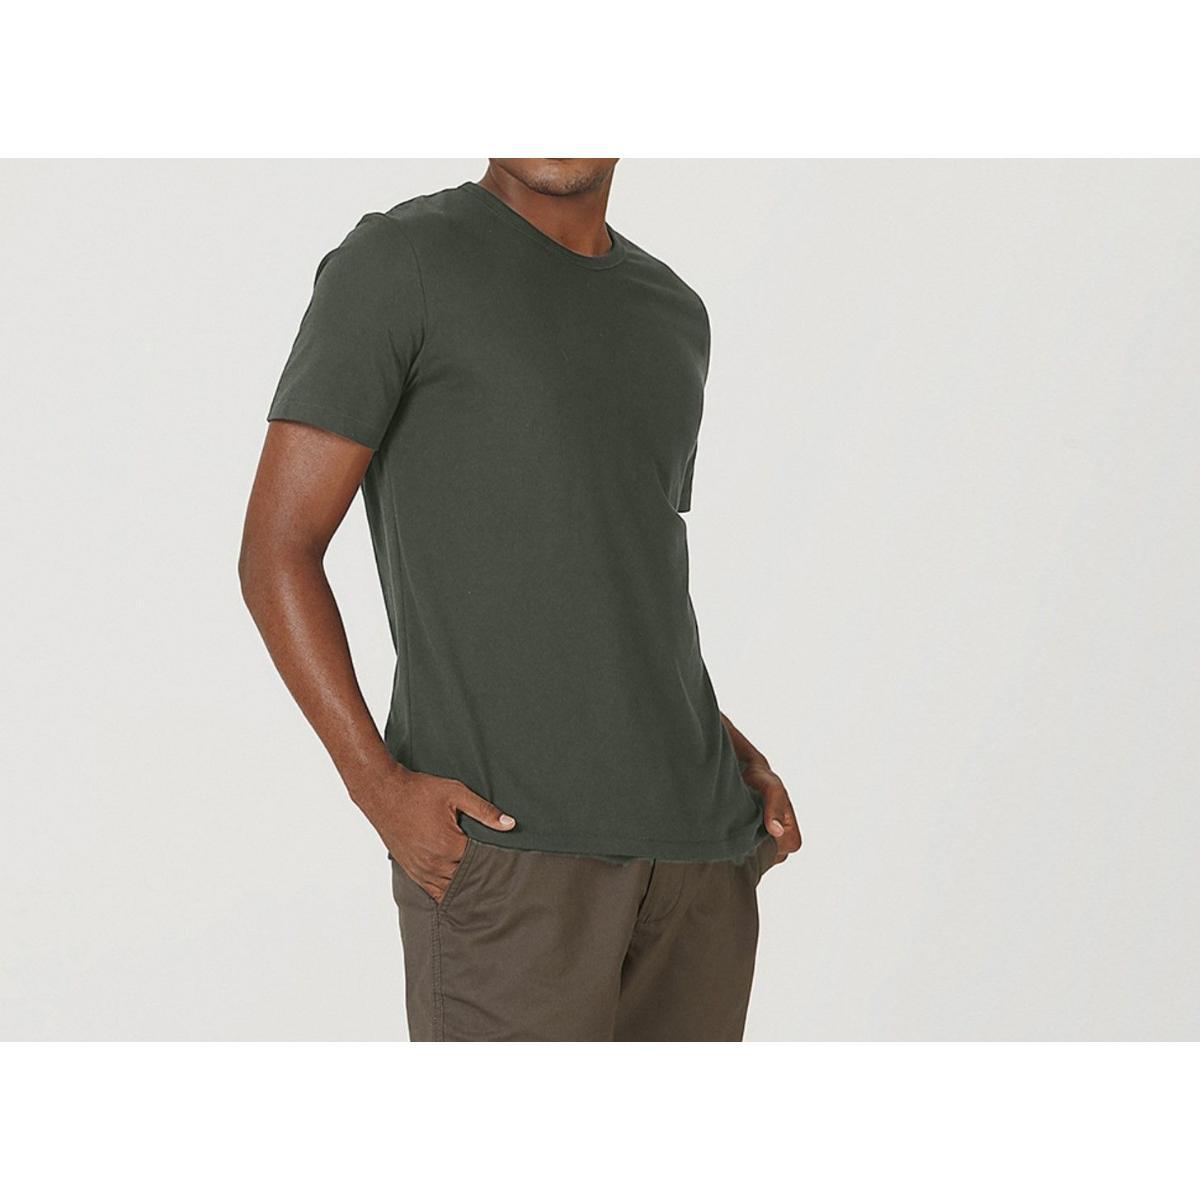 Camiseta Masculina Hering 0299 Naten Musgo